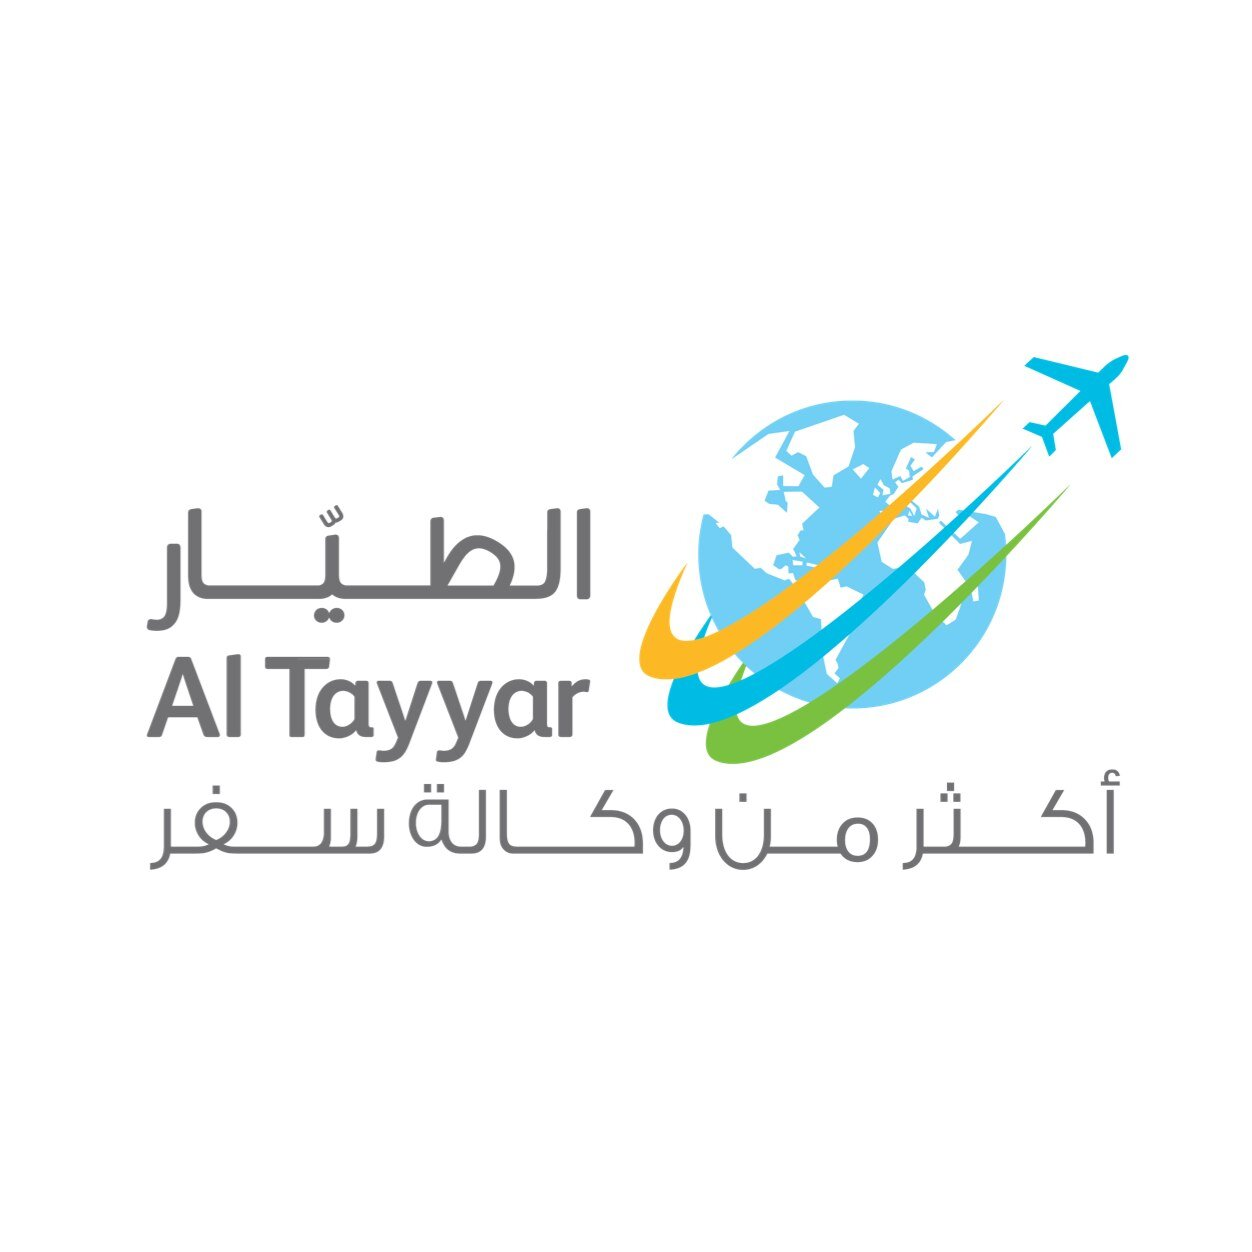 عروض شركة الطيار للسفر والسياحة 2016 المرسال